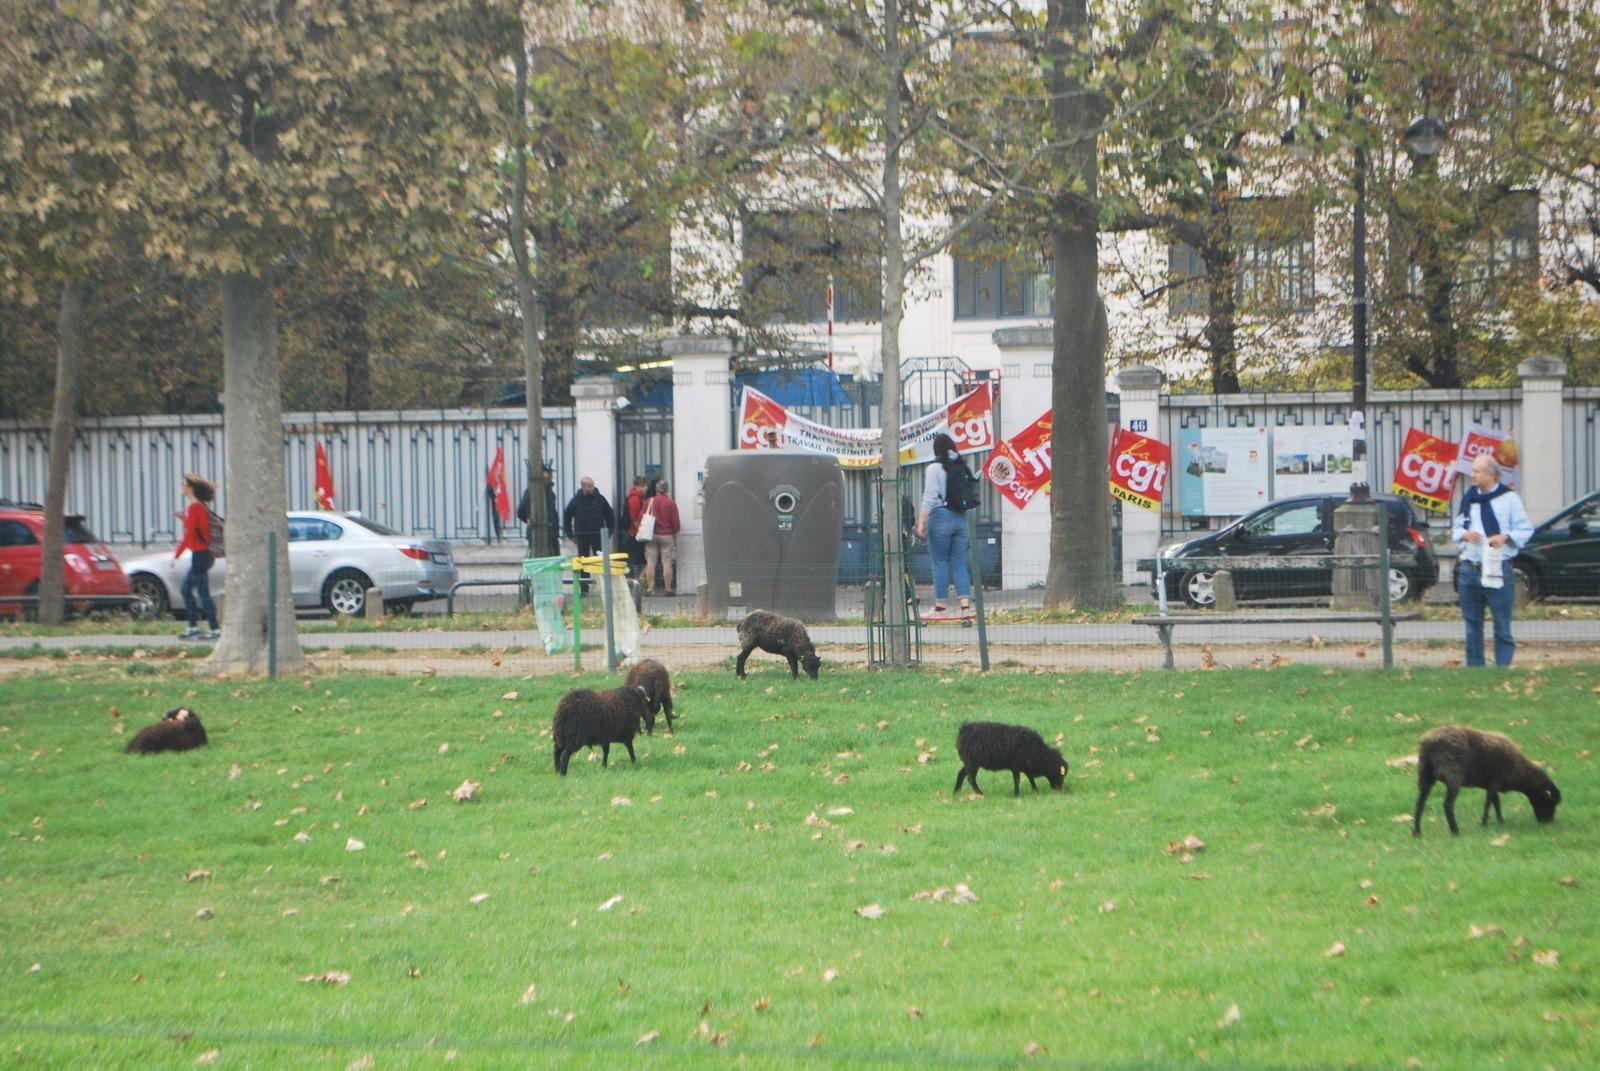 Paris mutuelles, Paris la honte